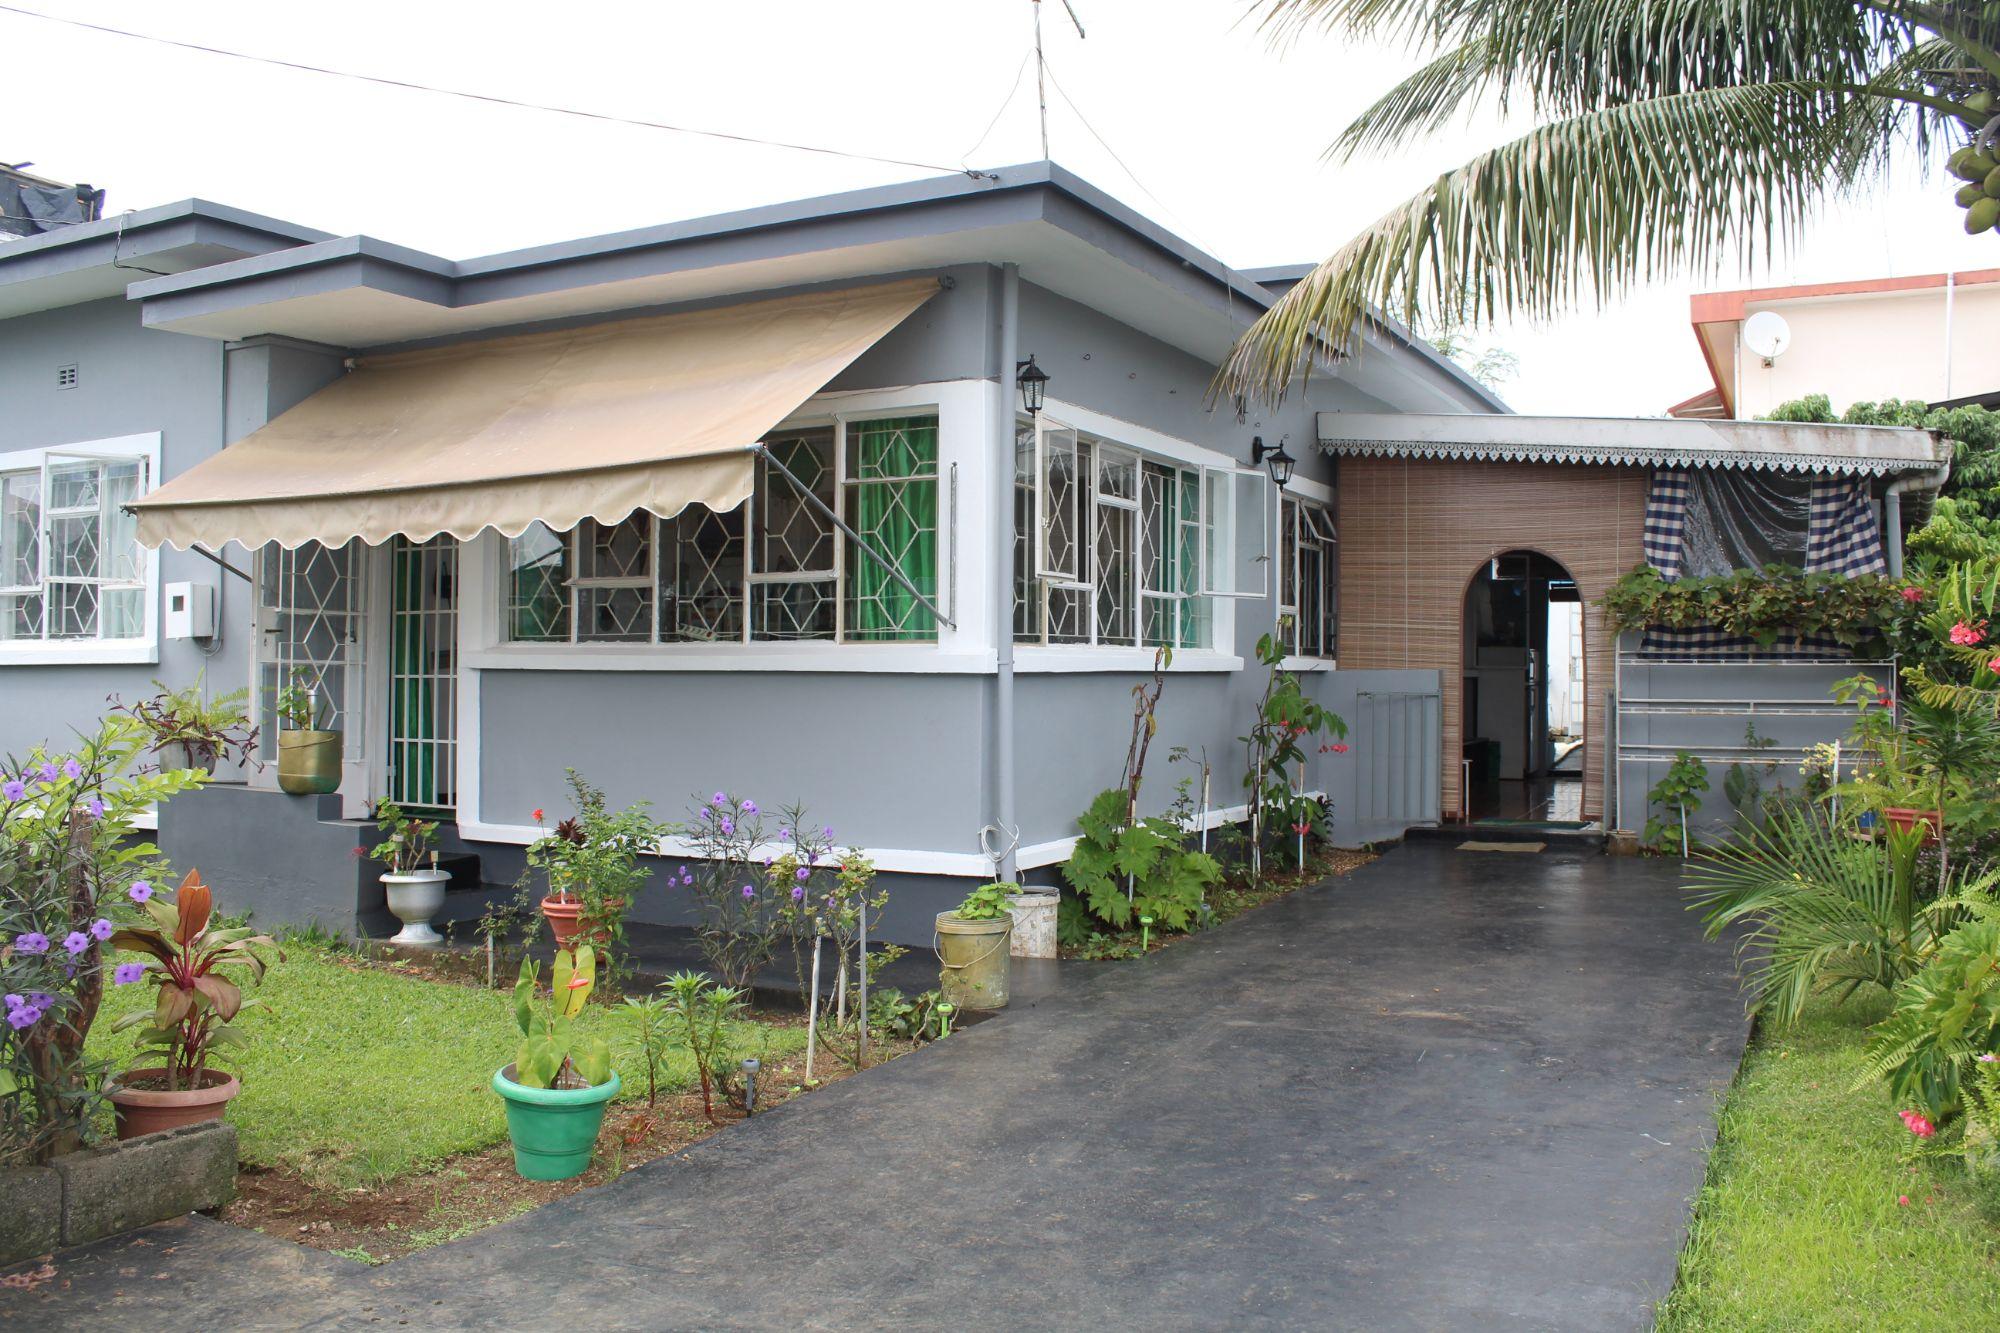 Maison plain pied à rénover de 95 M2 sur un terrain de 123 toises située à Sodnac dans un quartier hautement résidentiel avec bon voisinage